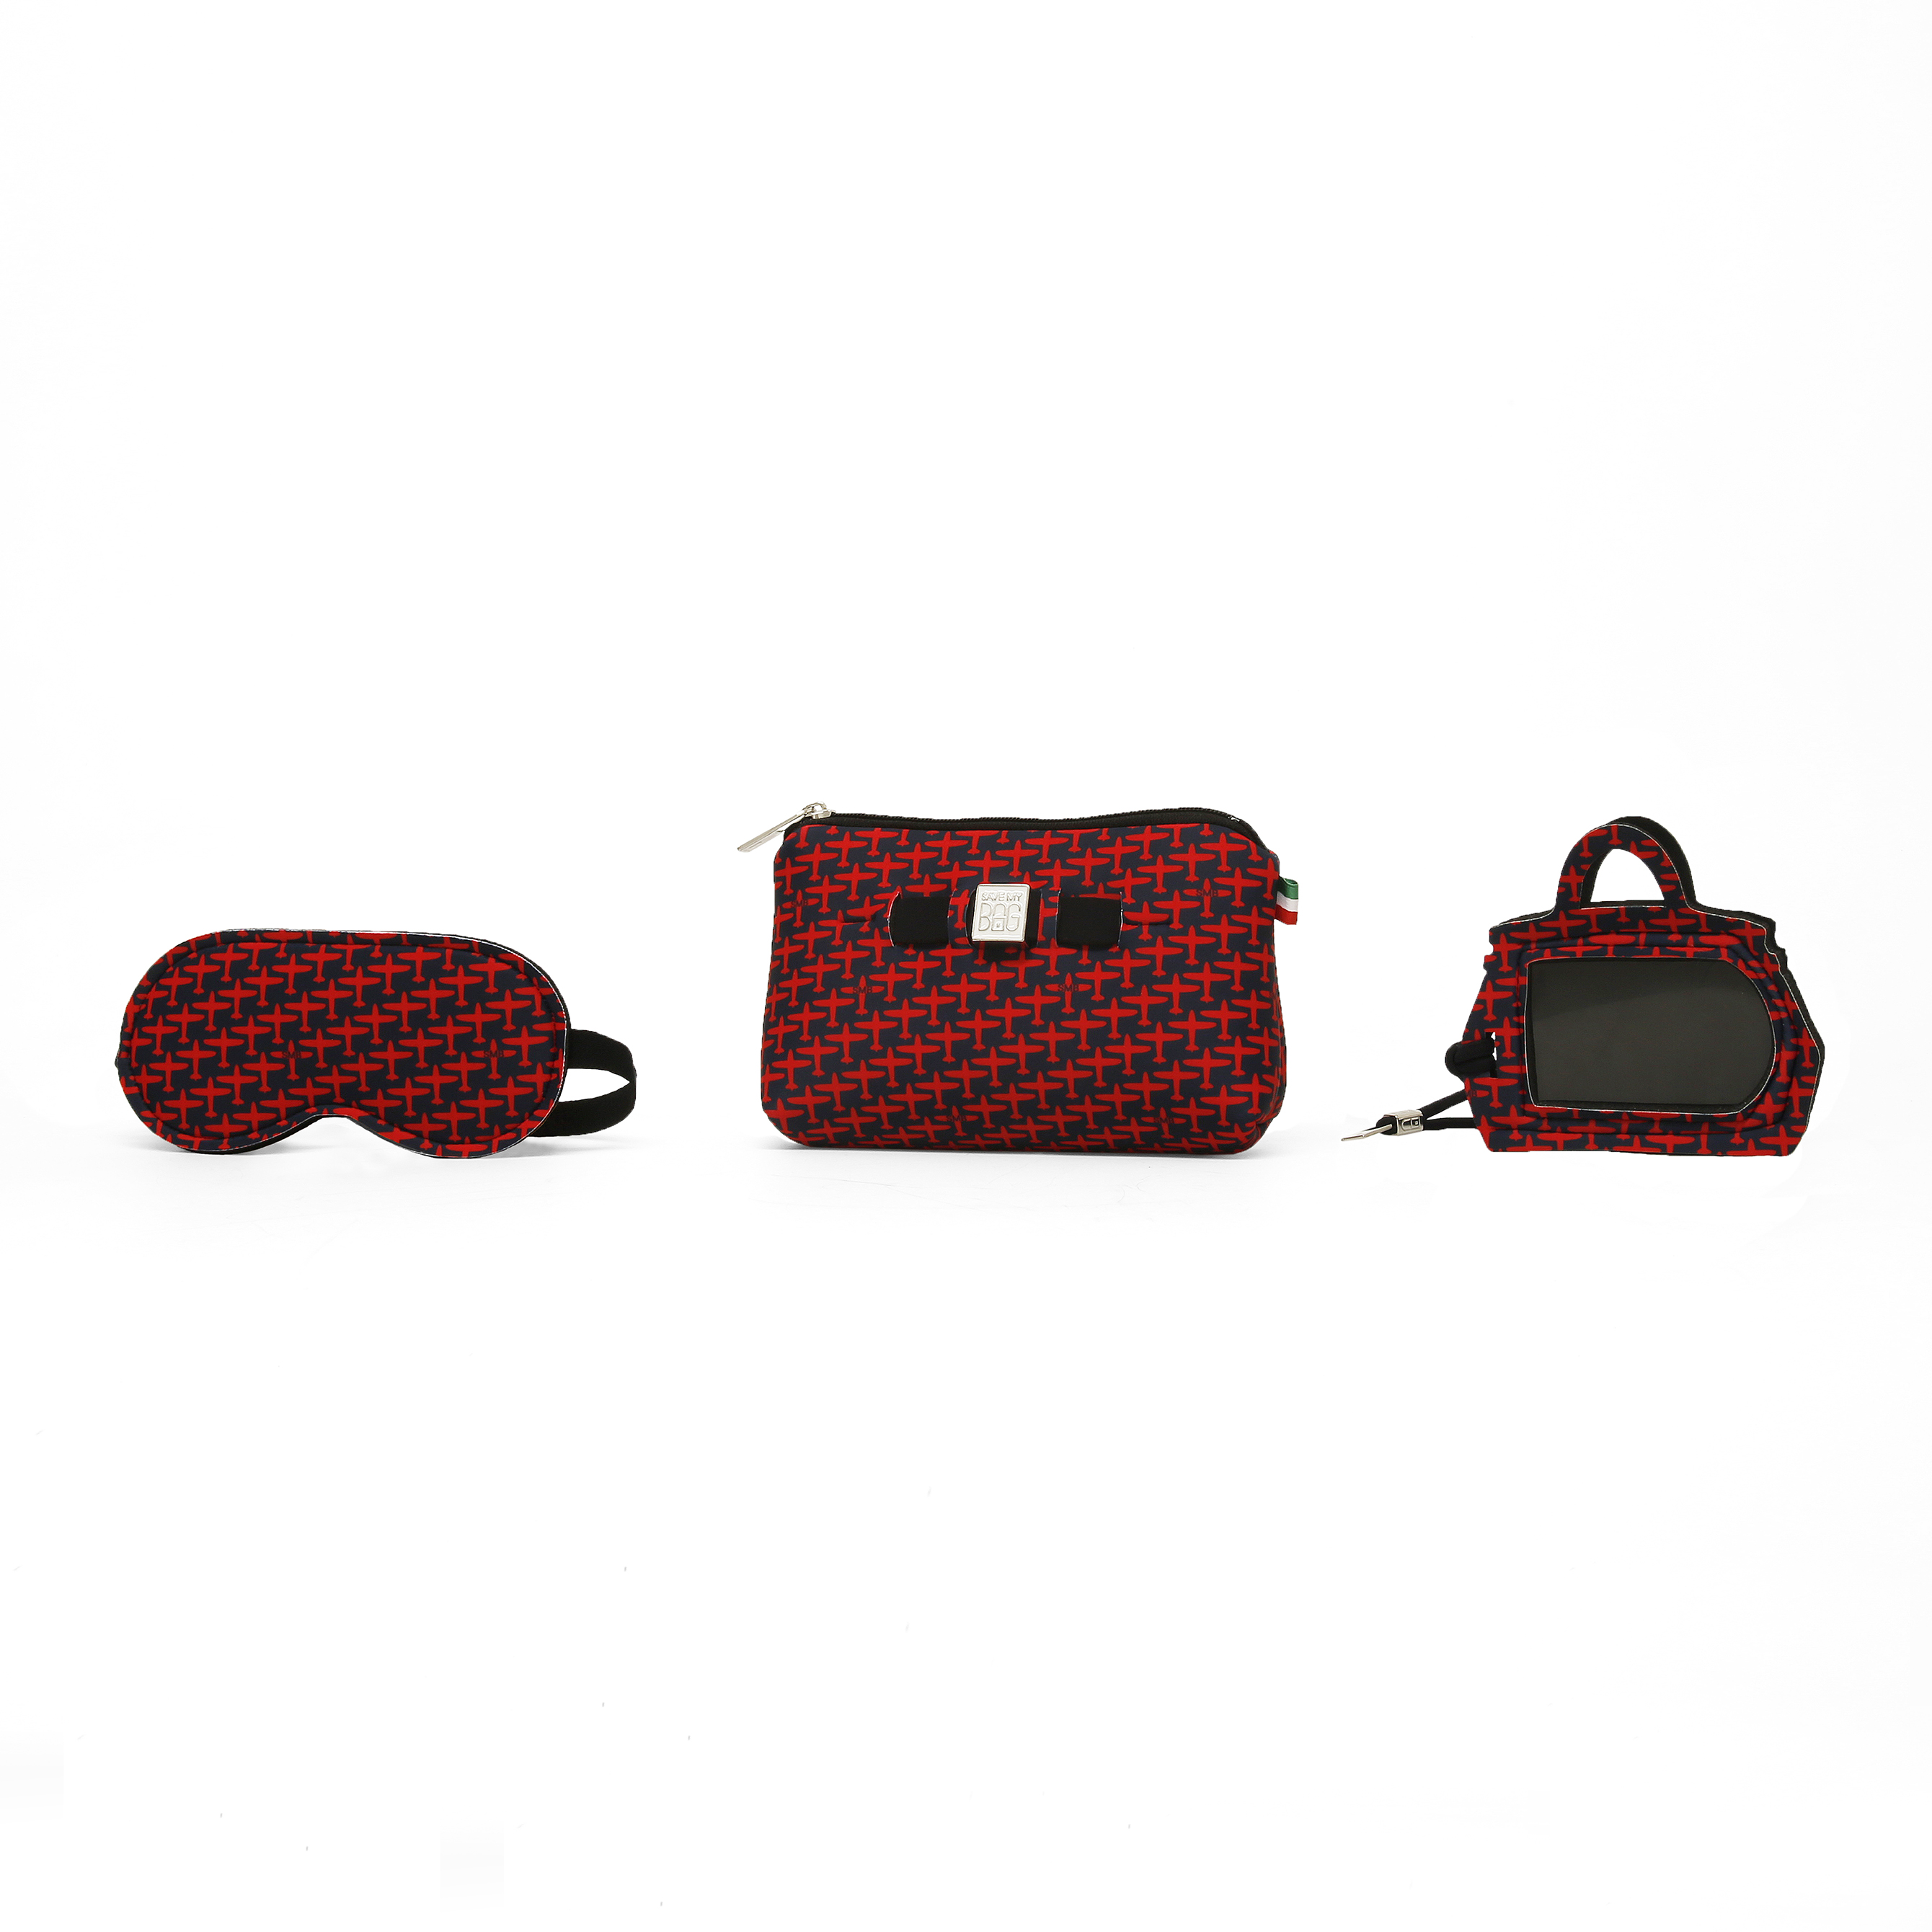 ... ed etichette per bagagli. Tutti gli accessori sono realizzati con  l innovativo materiale Poly-fabric con Lycra® e proposto in due esclusive  stampe ove ... 9e0c4a93b8d